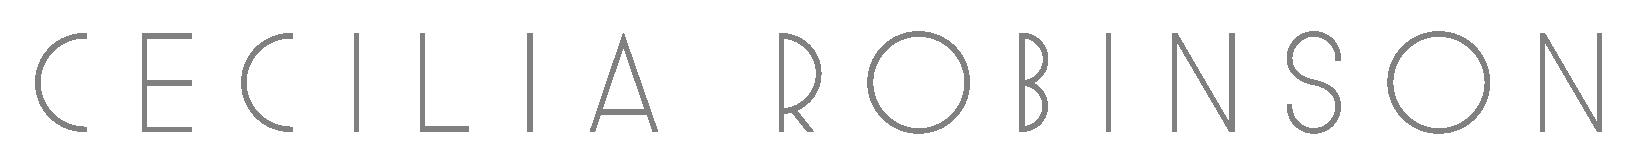 logo-cecilia-robinson